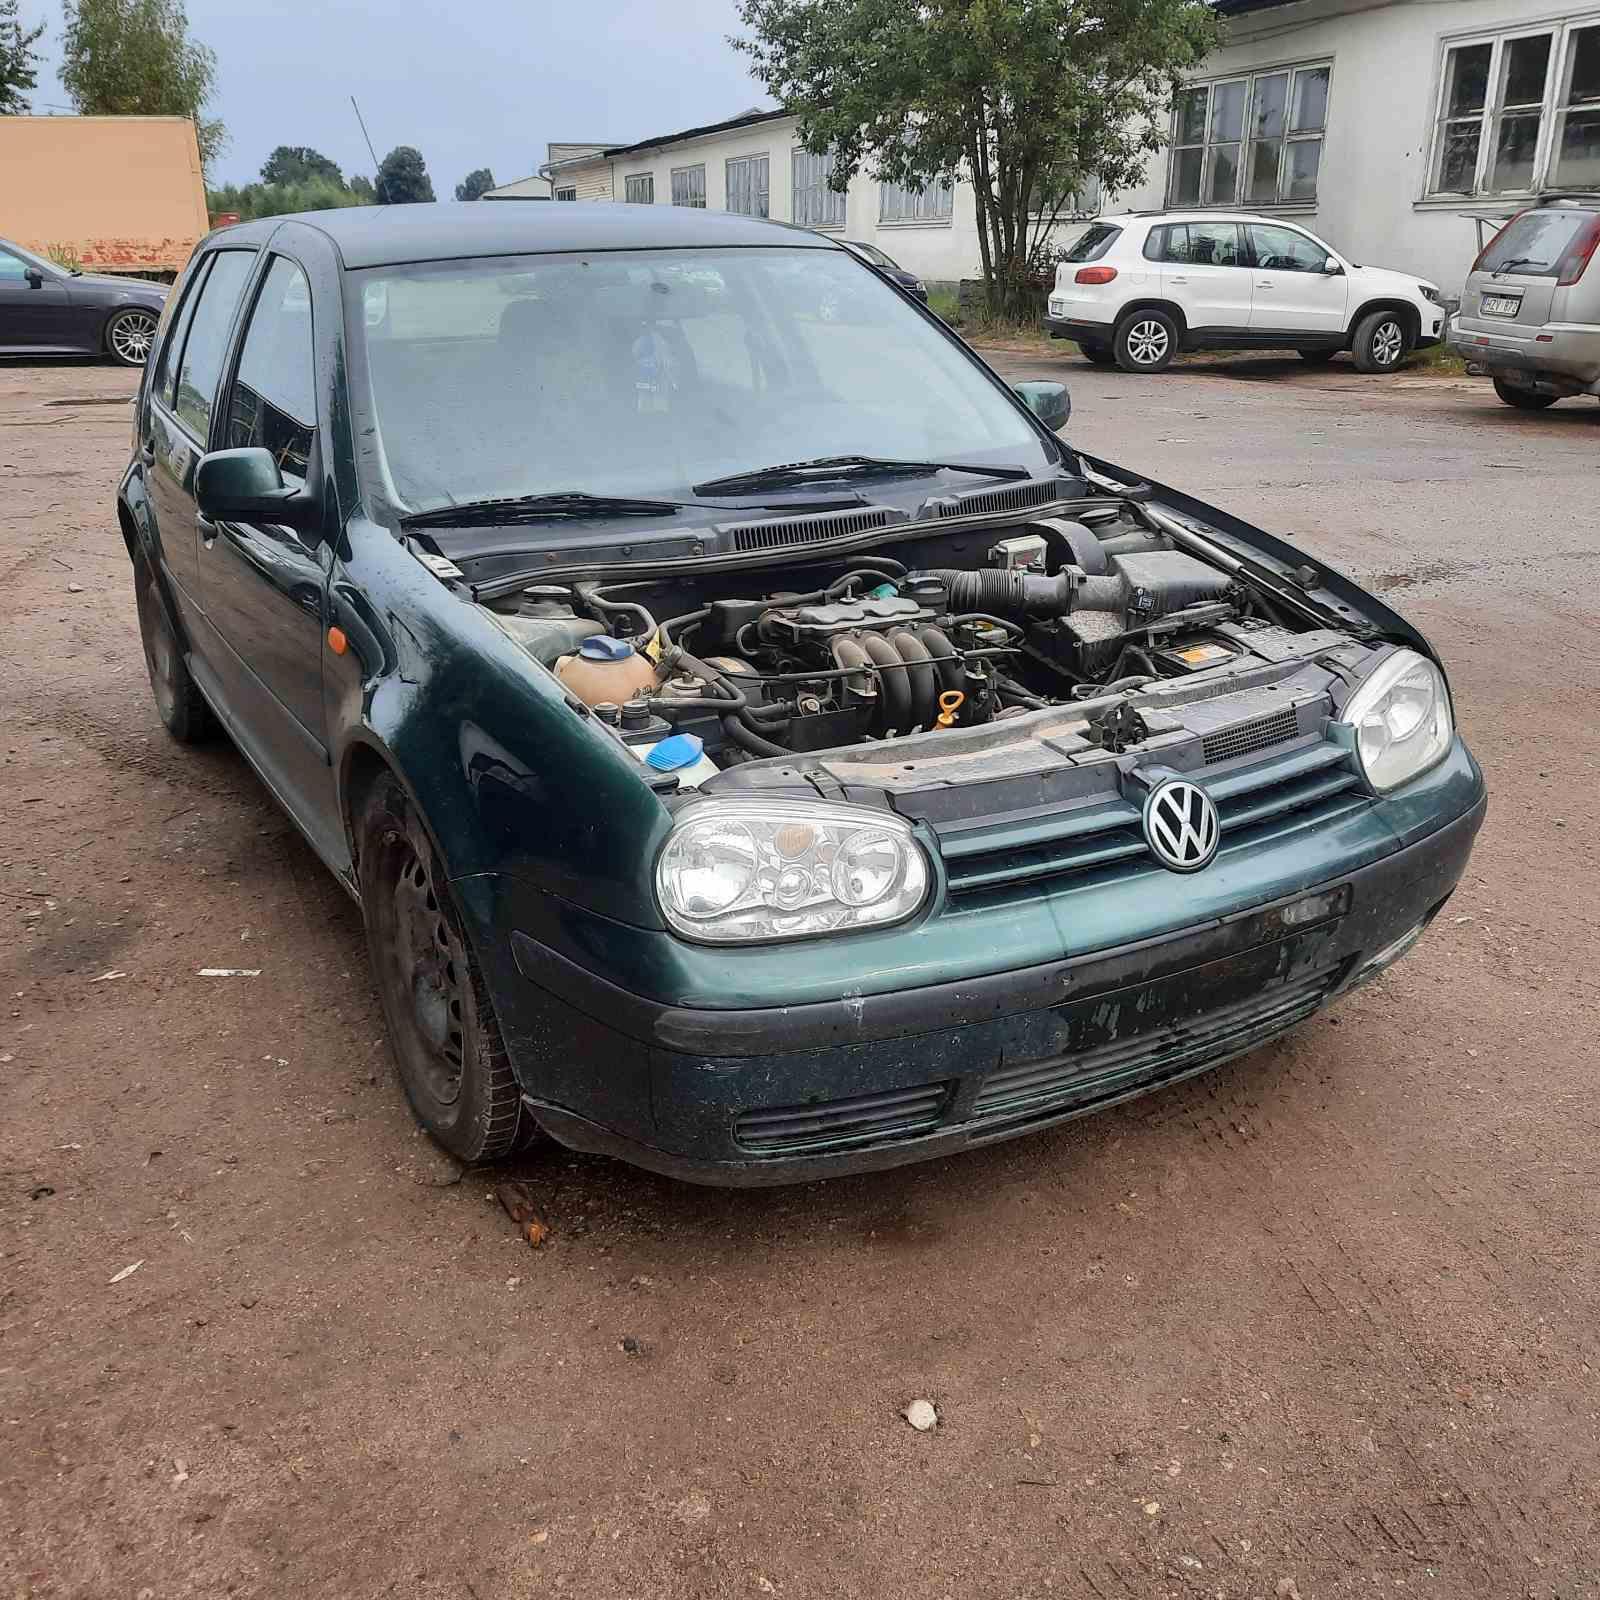 Подержанные Автозапчасти Volkswagen GOLF 1998 1.6 машиностроение хэтчбэк 4/5 d. зеленый 2021-7-27